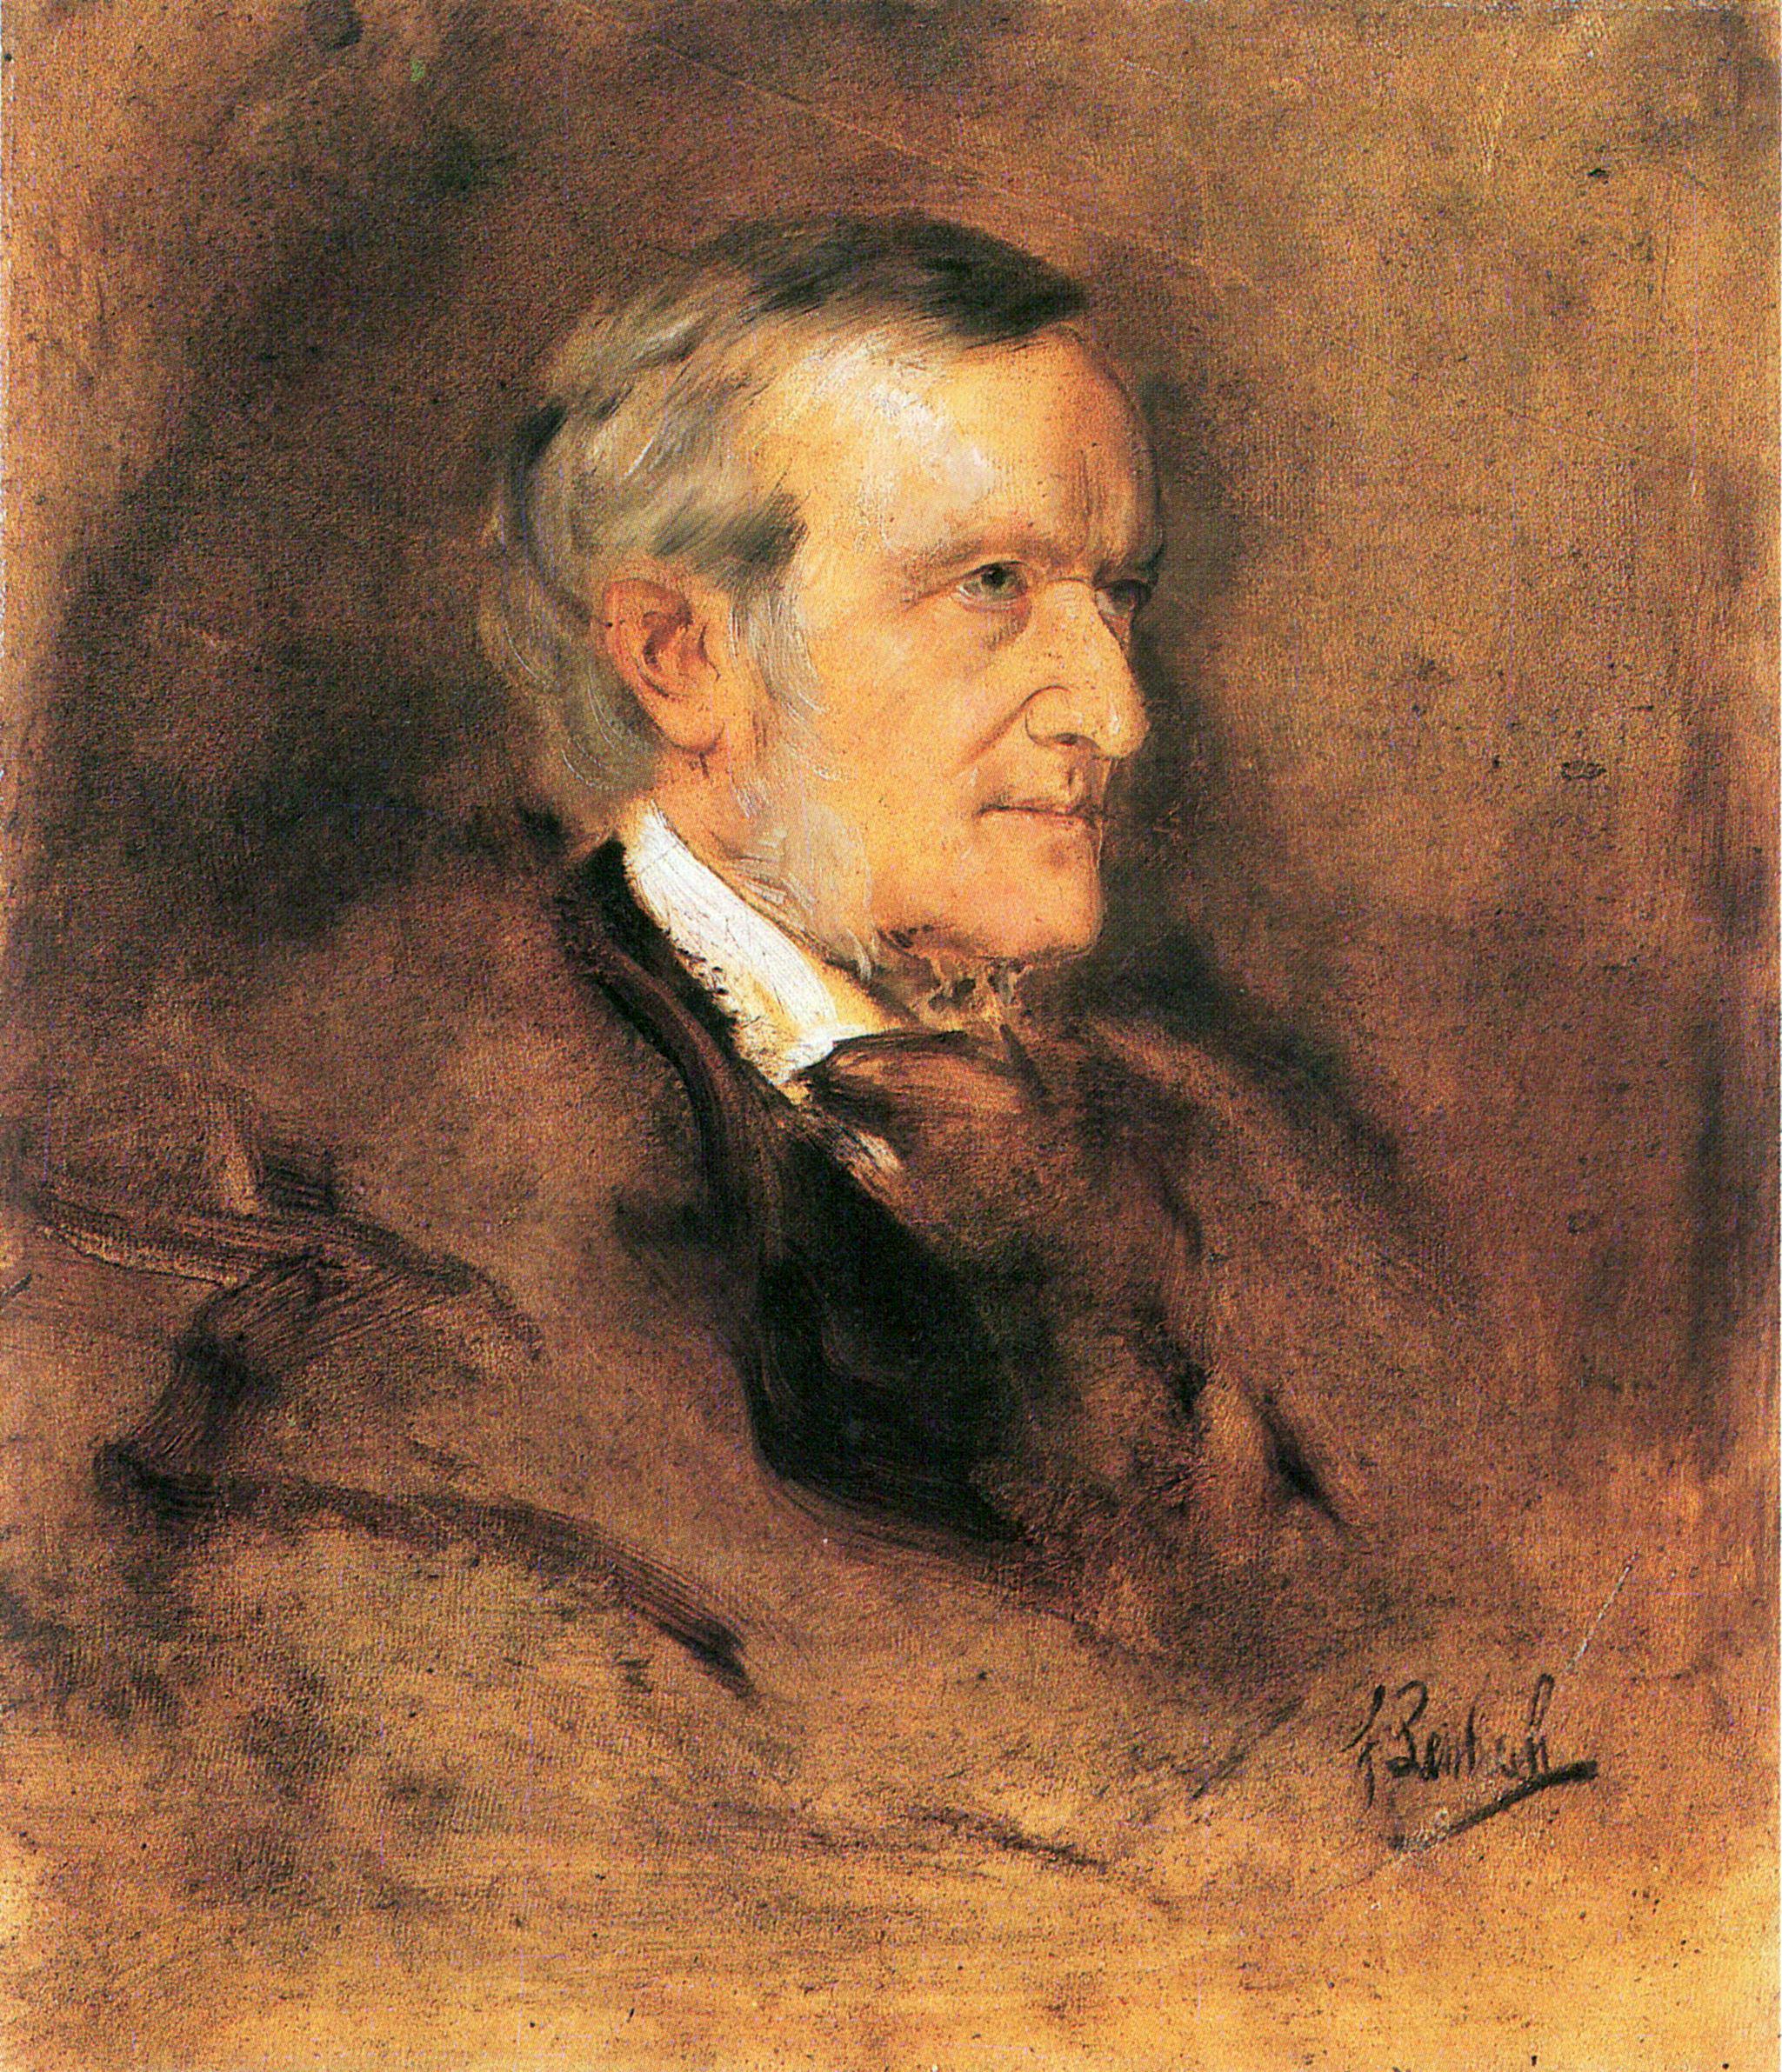 Richard Wagner Wagner - Eugen Jochum Jochum Die Meistersinger Von Nürnberg Querschnitt